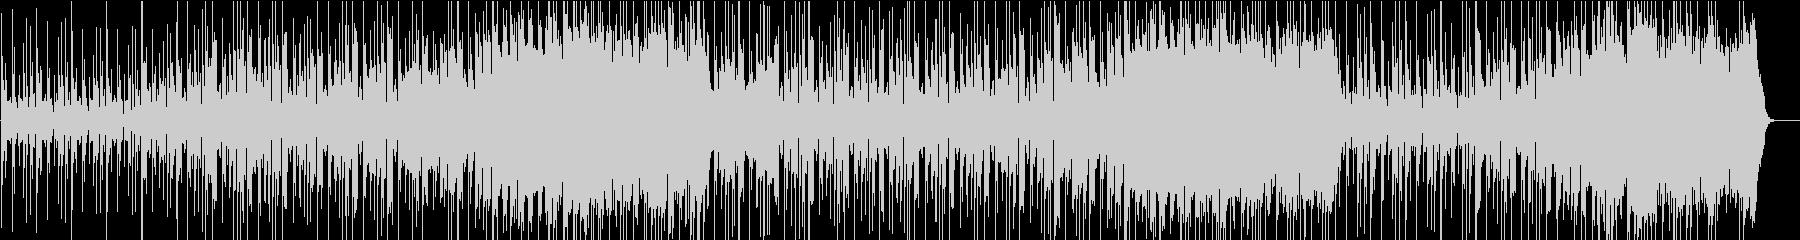 ヒップホップの姿勢を持つR&B。滑...の未再生の波形